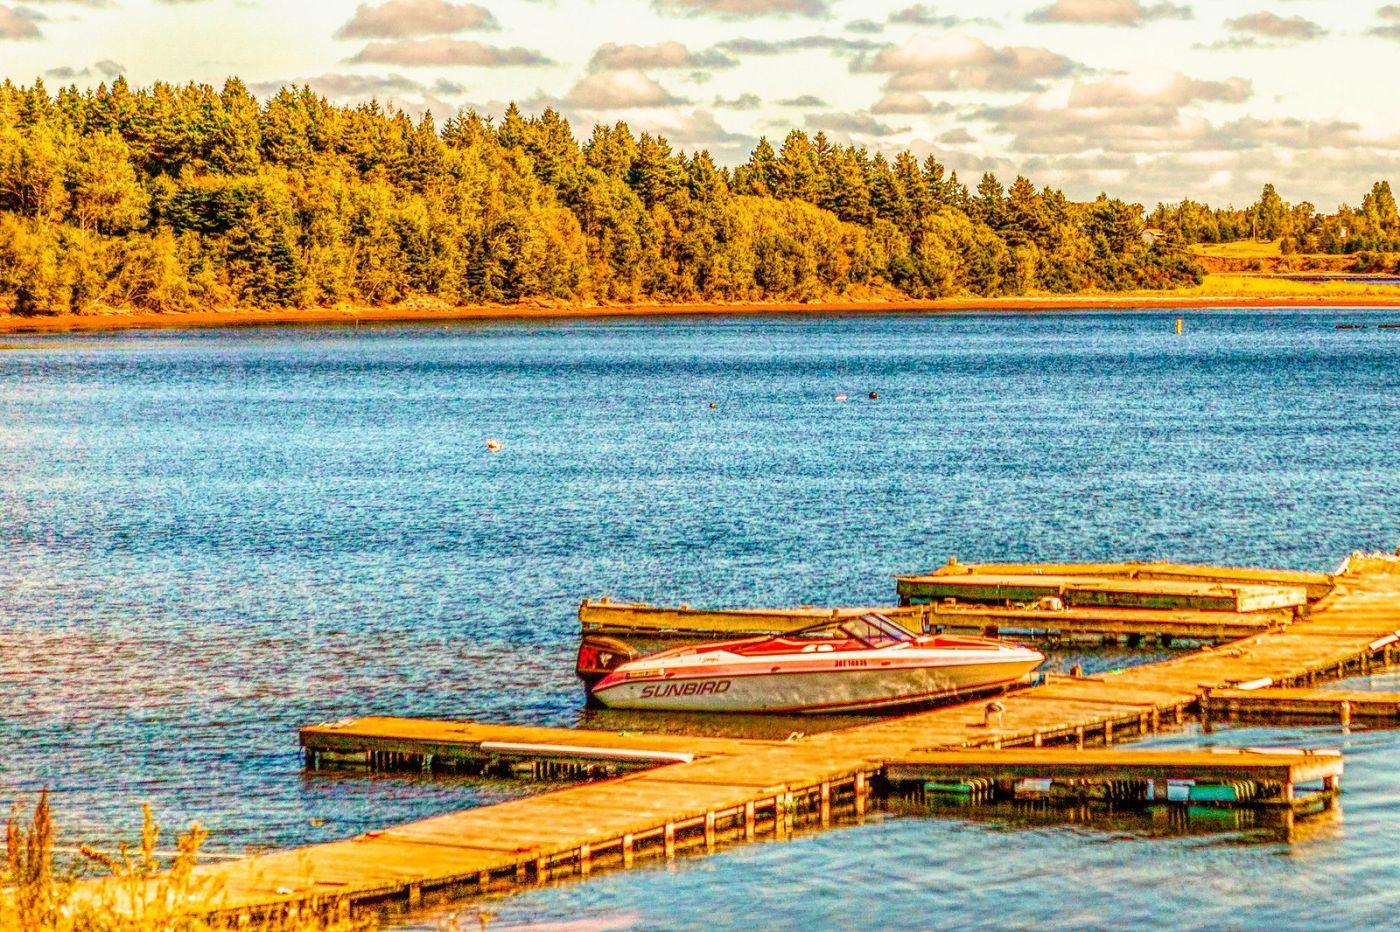 加拿大路途,水边抓拍_图1-19